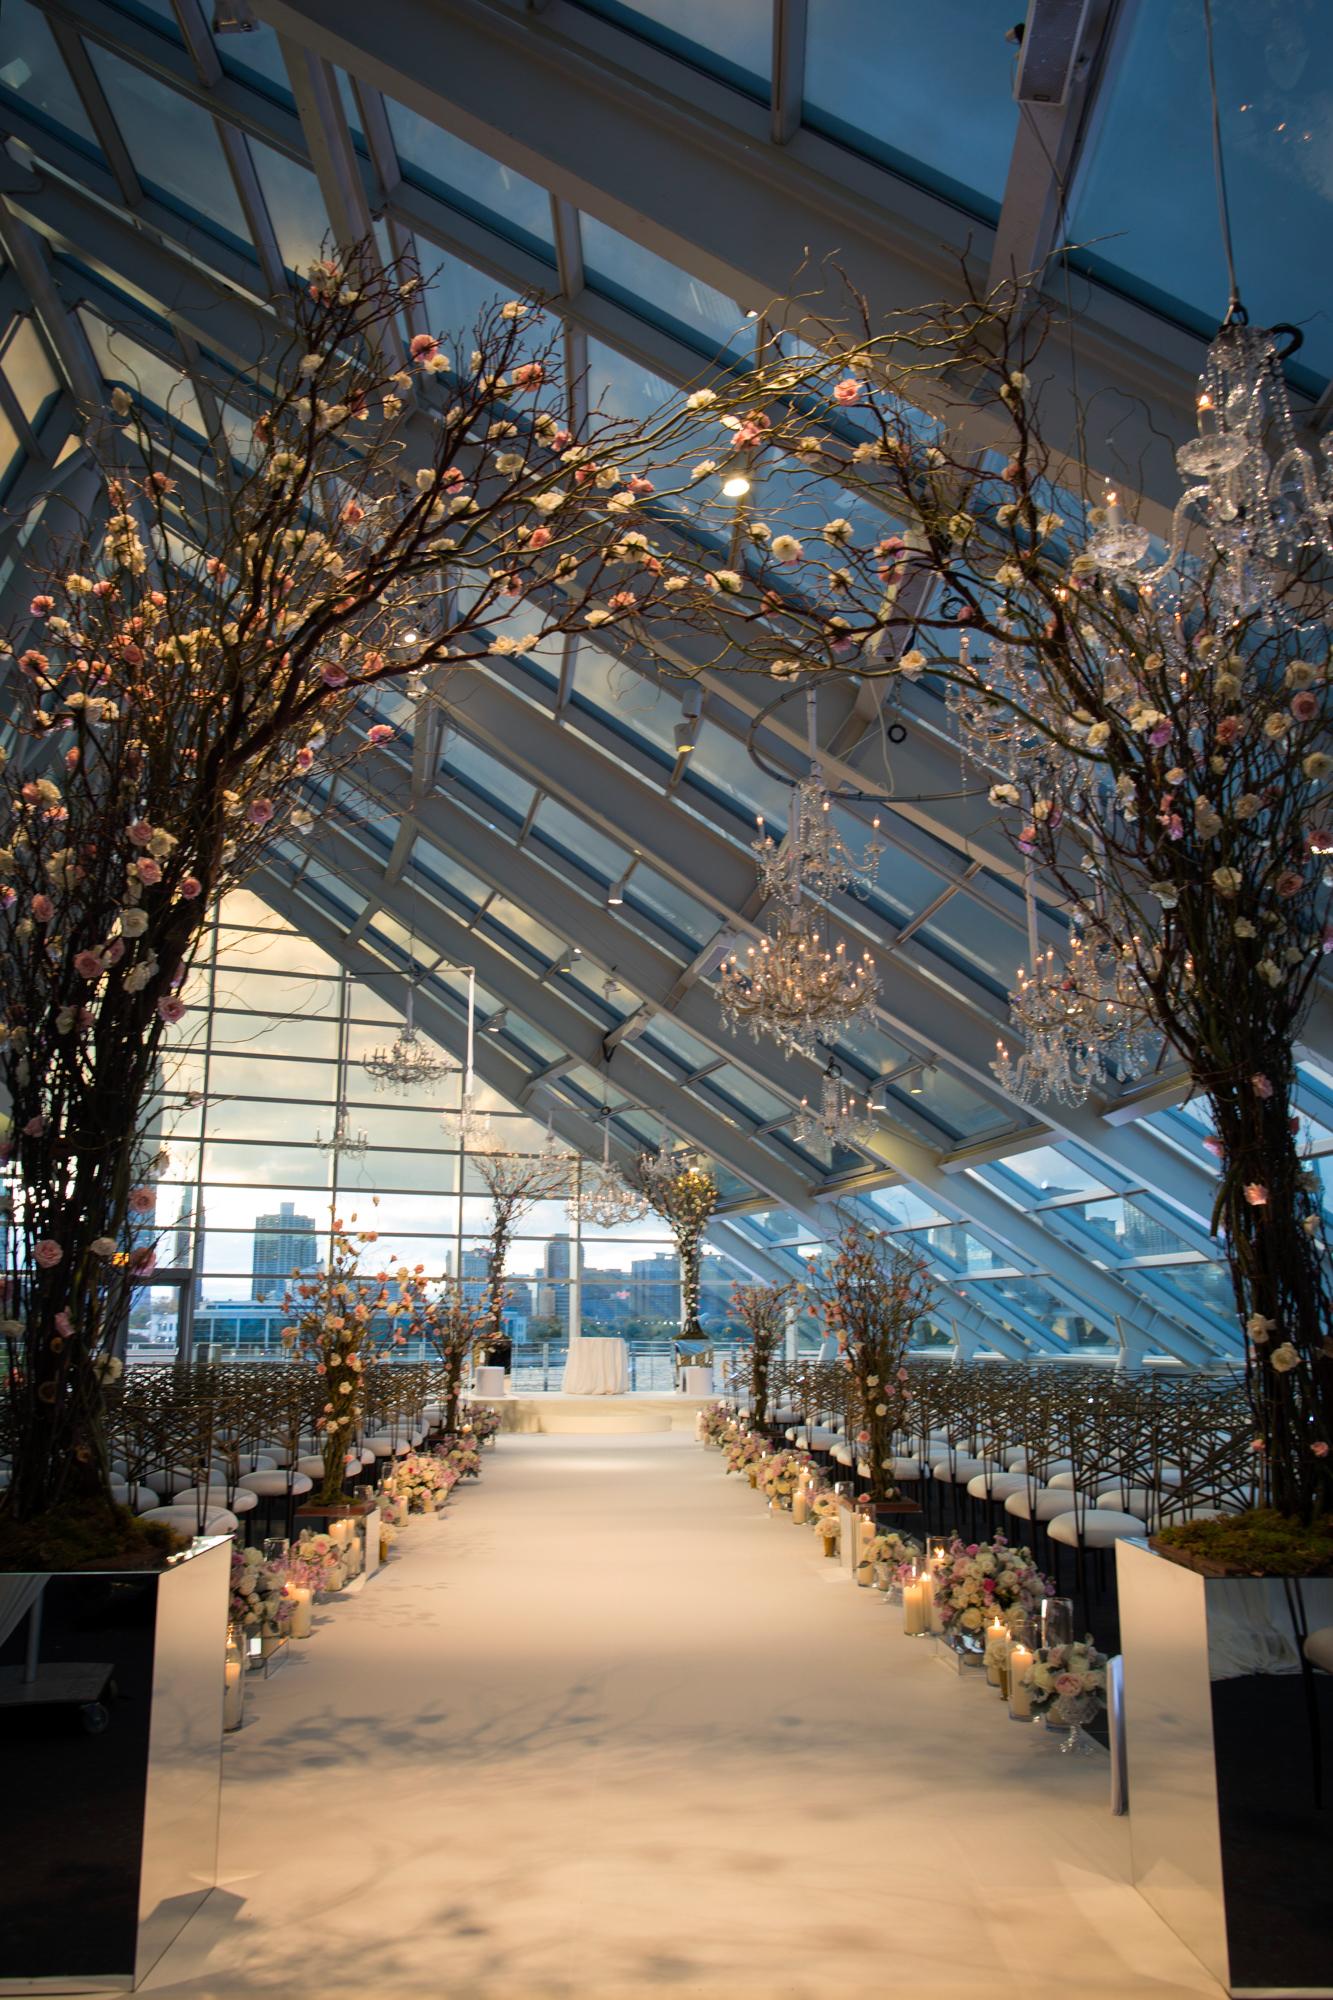 Wedding ceremony at Adler Planetarium